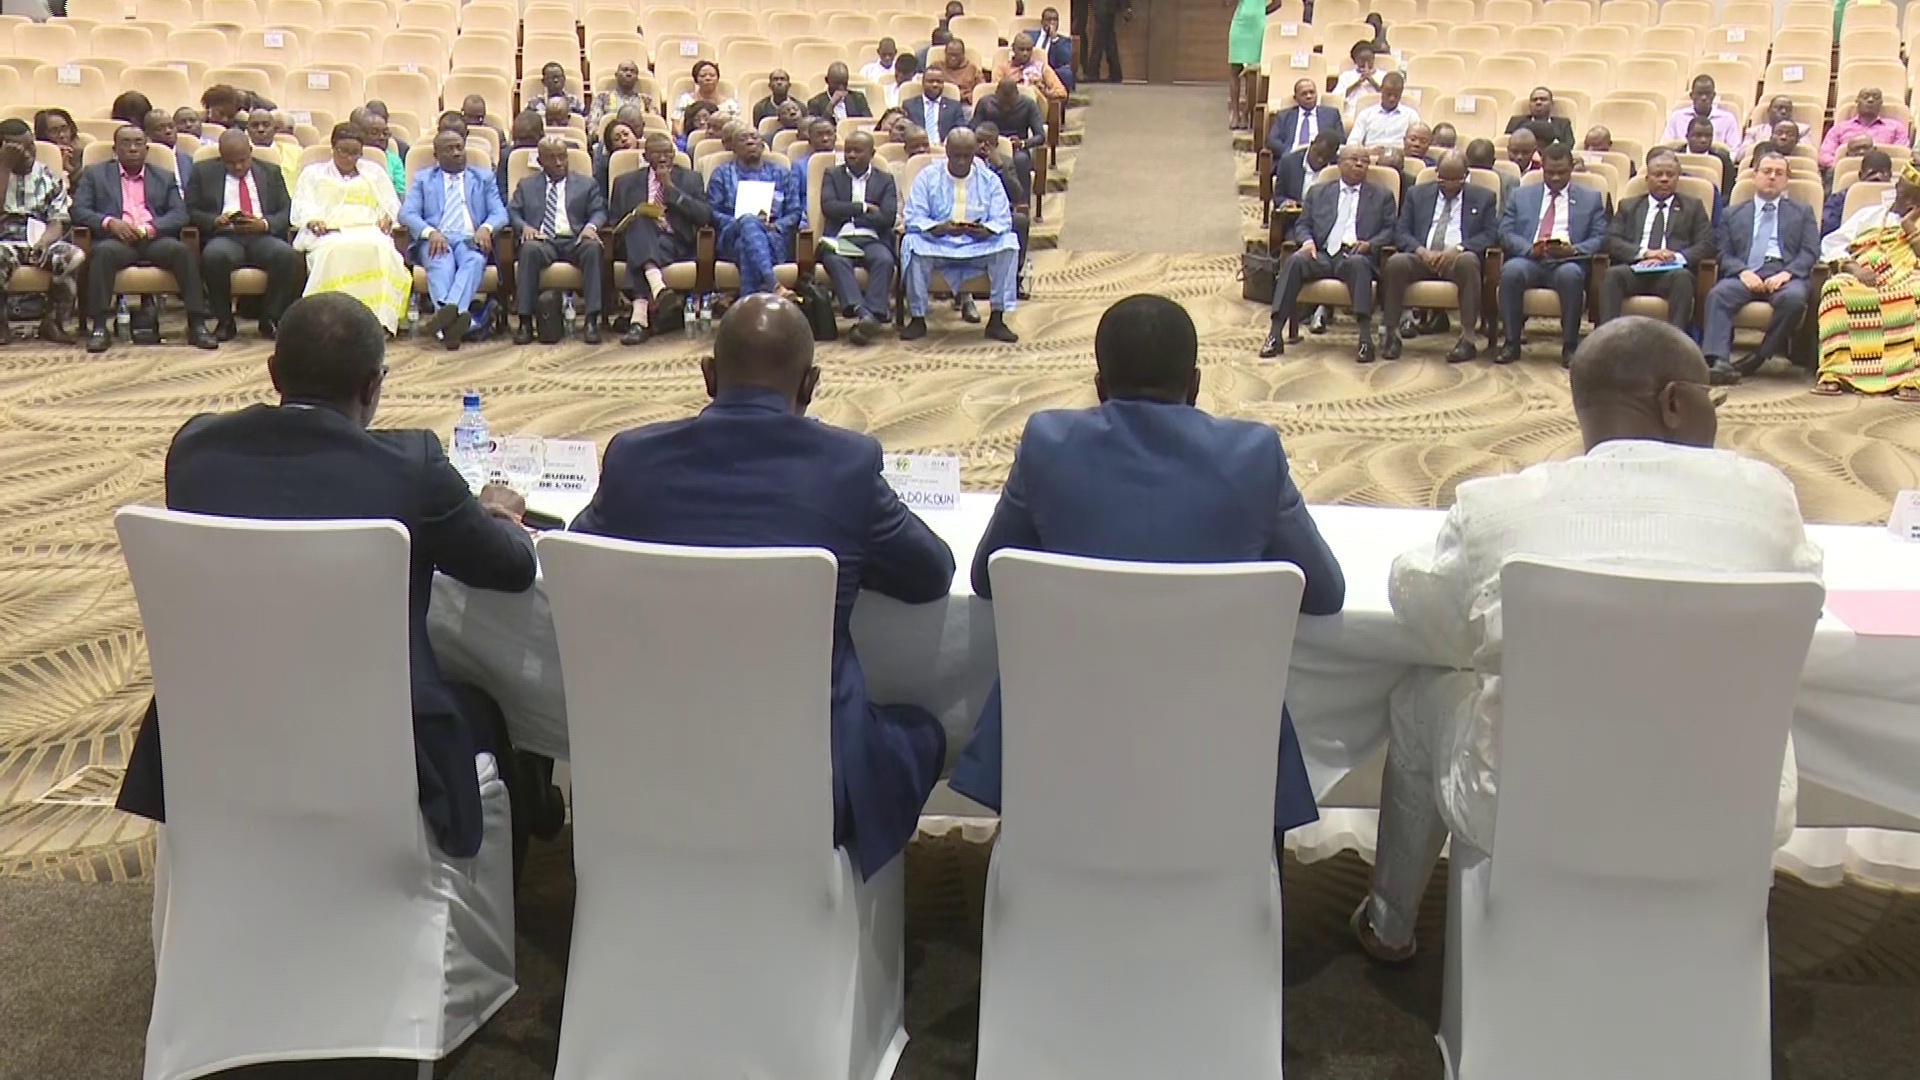 PROMOTION CONSOMMATION INTERIEUR DE CAFE EN AFRIQUE/MINISTERE DU COMMERCE